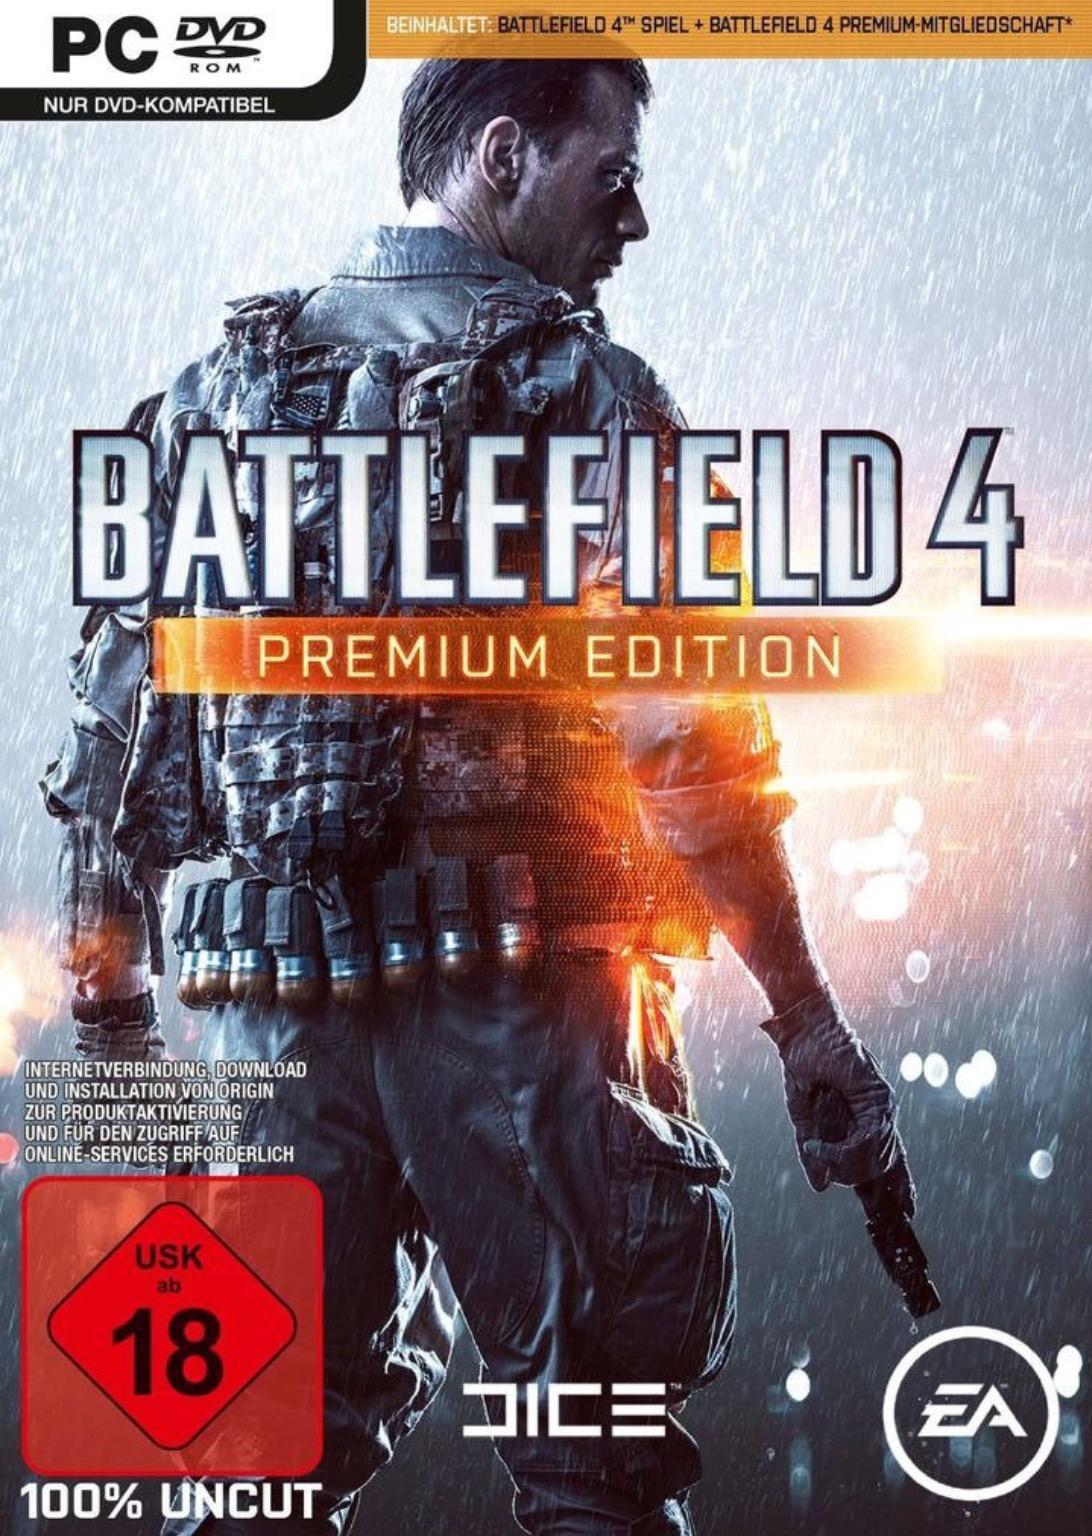 Battlefield 4 Premium (Origin PC Code) um 5,90 € - statt 24 €